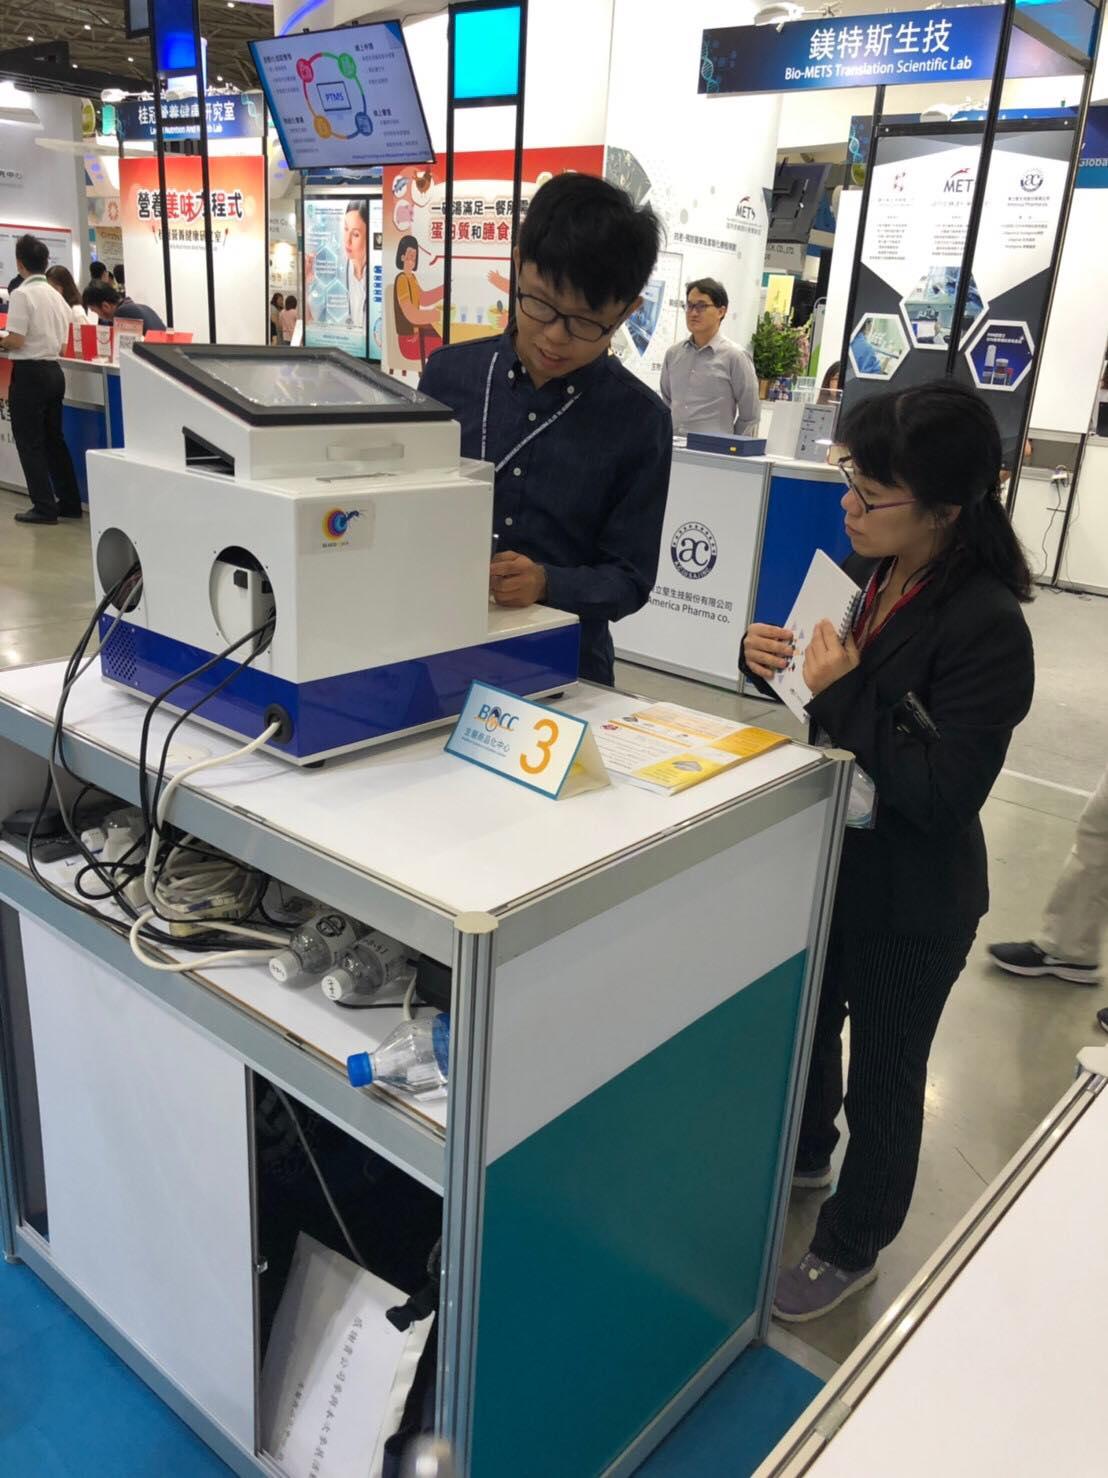 成員張瑞紘於亞洲生技大會參展攤位進行第二代雛型機介紹